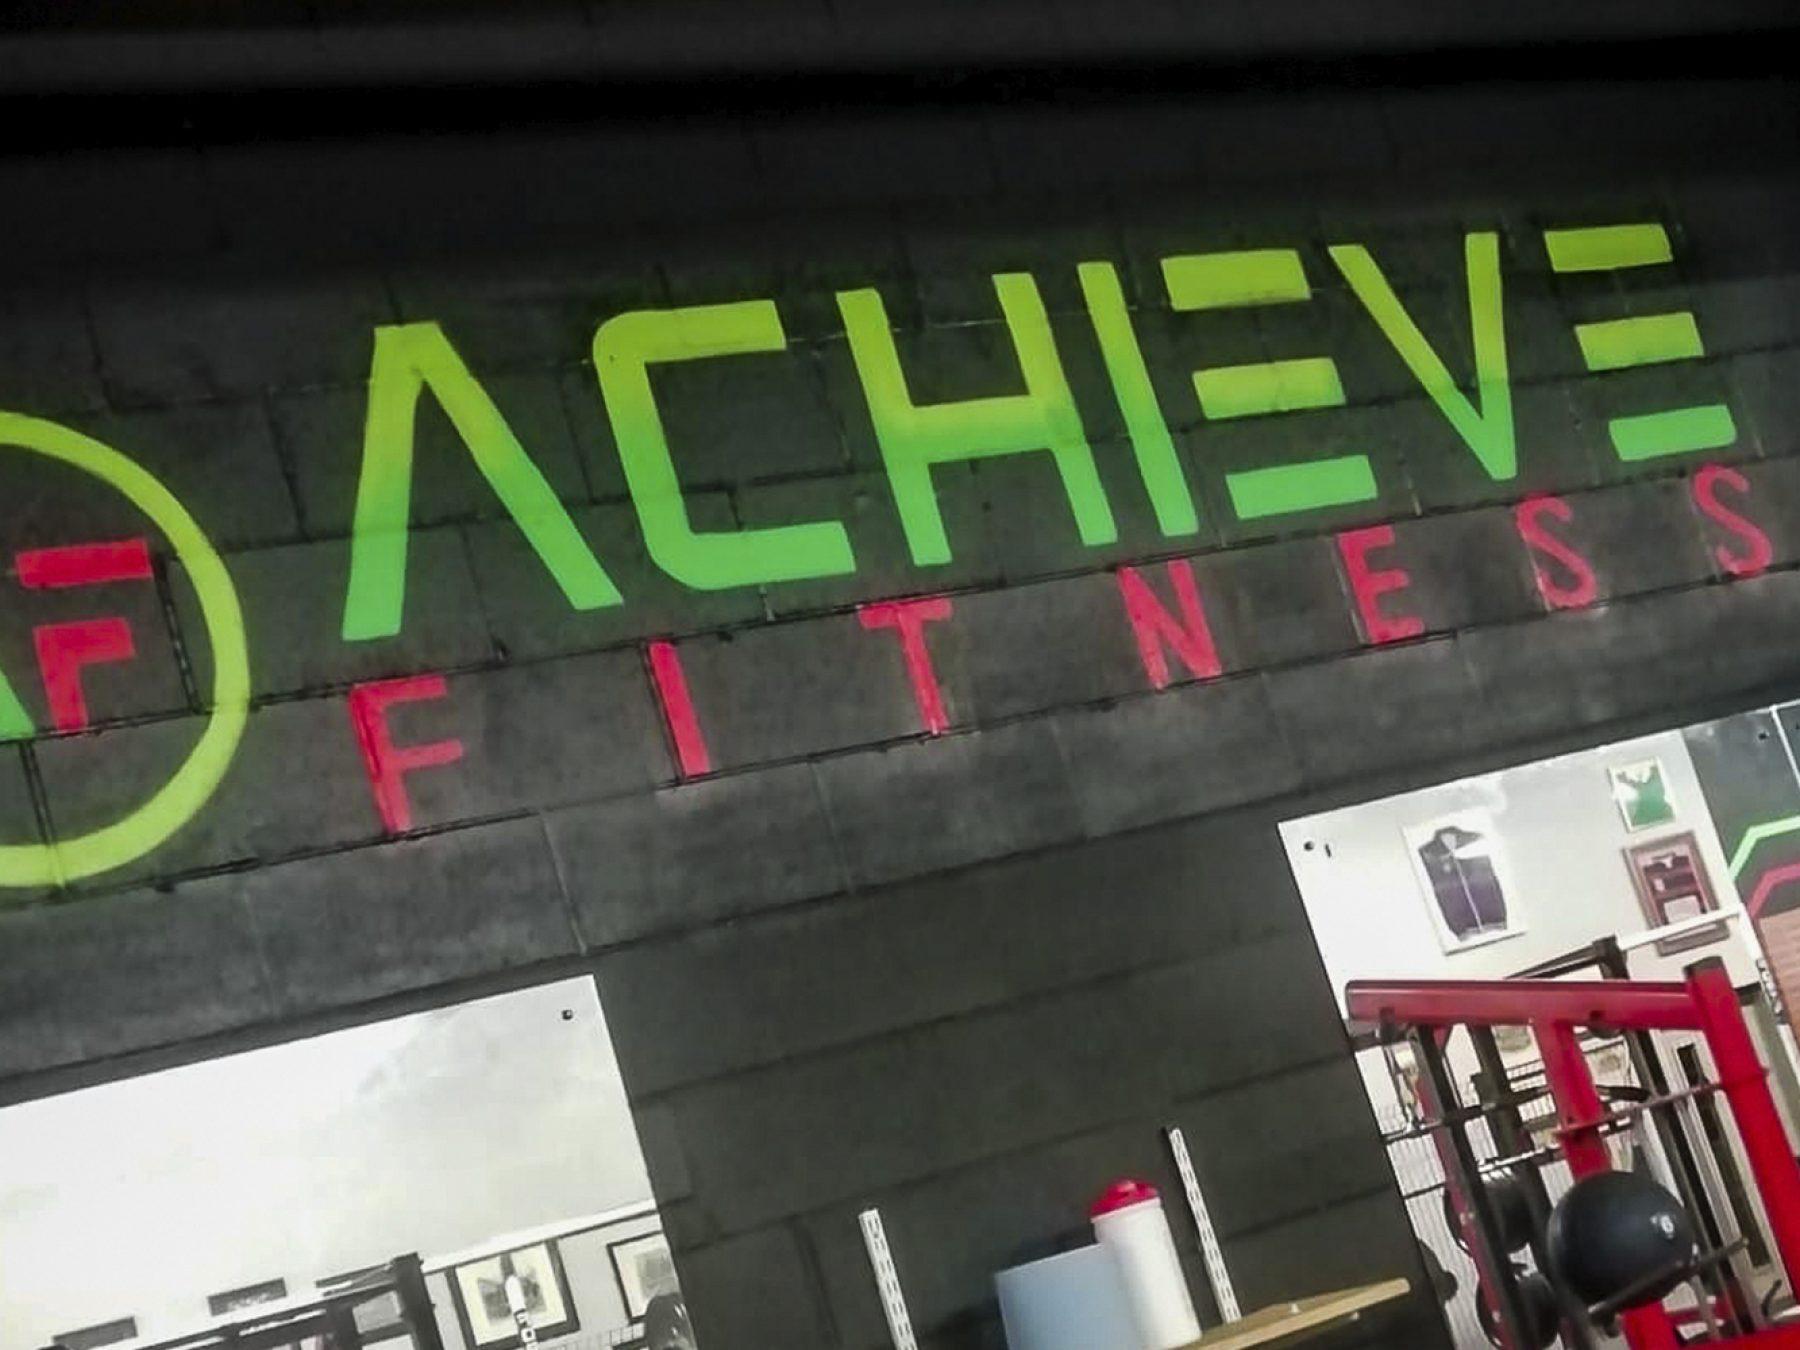 Achieve-header